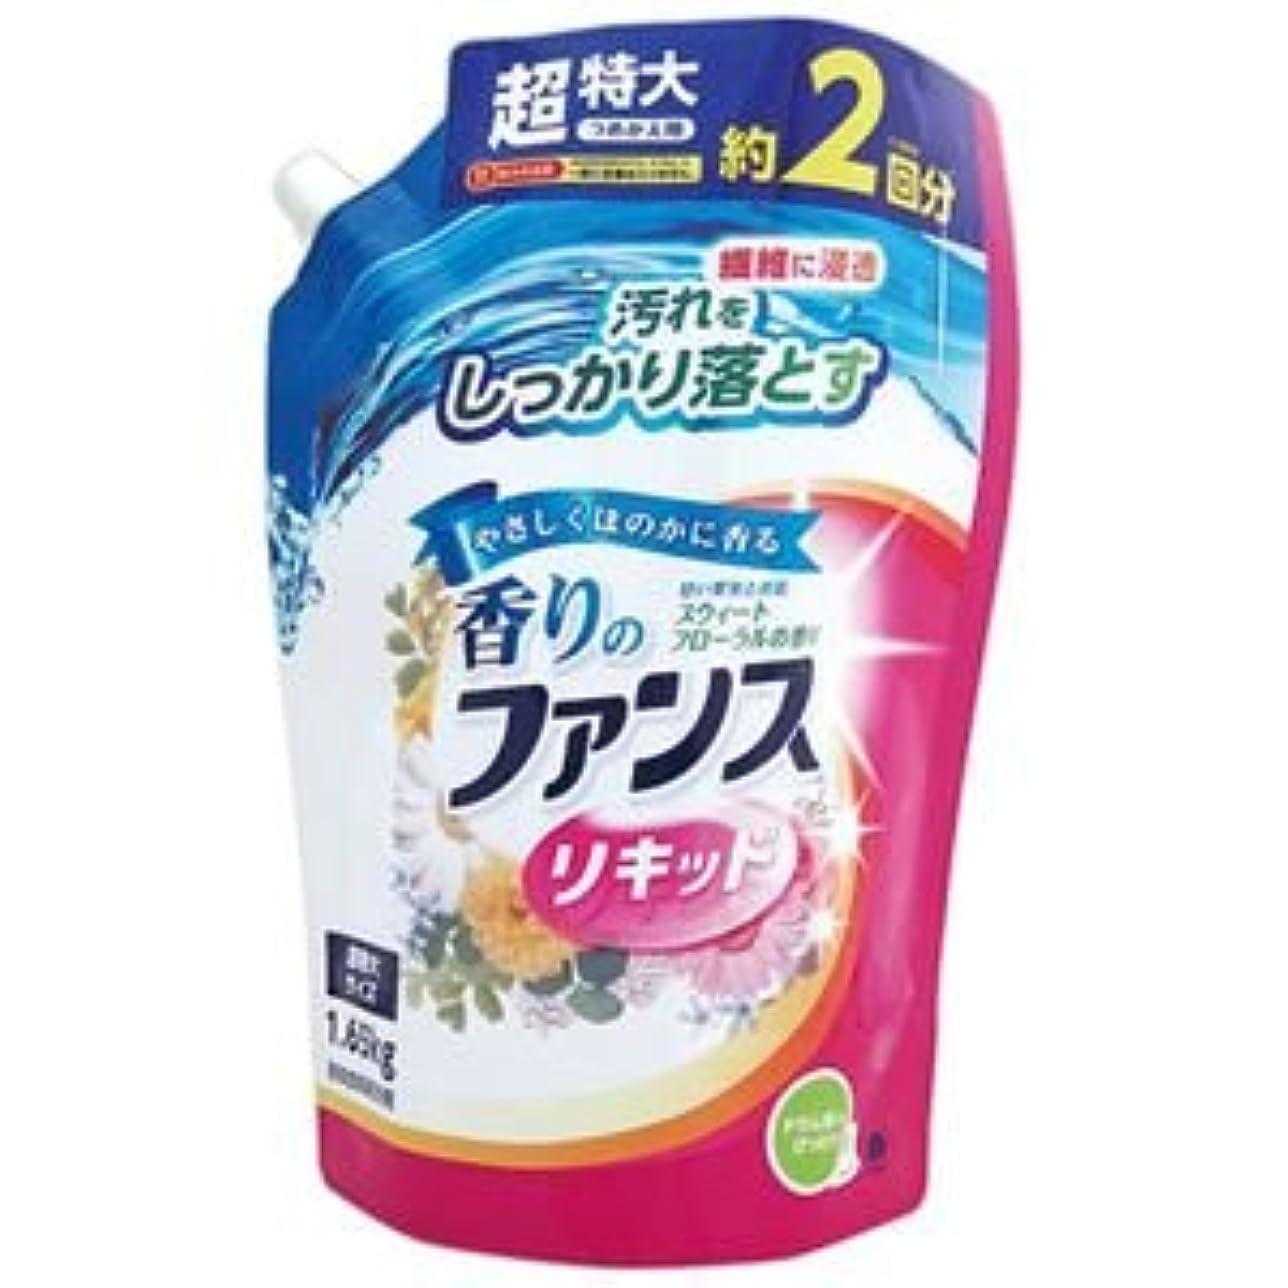 芸術死ぬレオナルドダ(まとめ) 第一石鹸 香りのファンス 液体衣料用洗剤リキッド 詰替用 1.65kg 1セット(6個) 【×2セット】